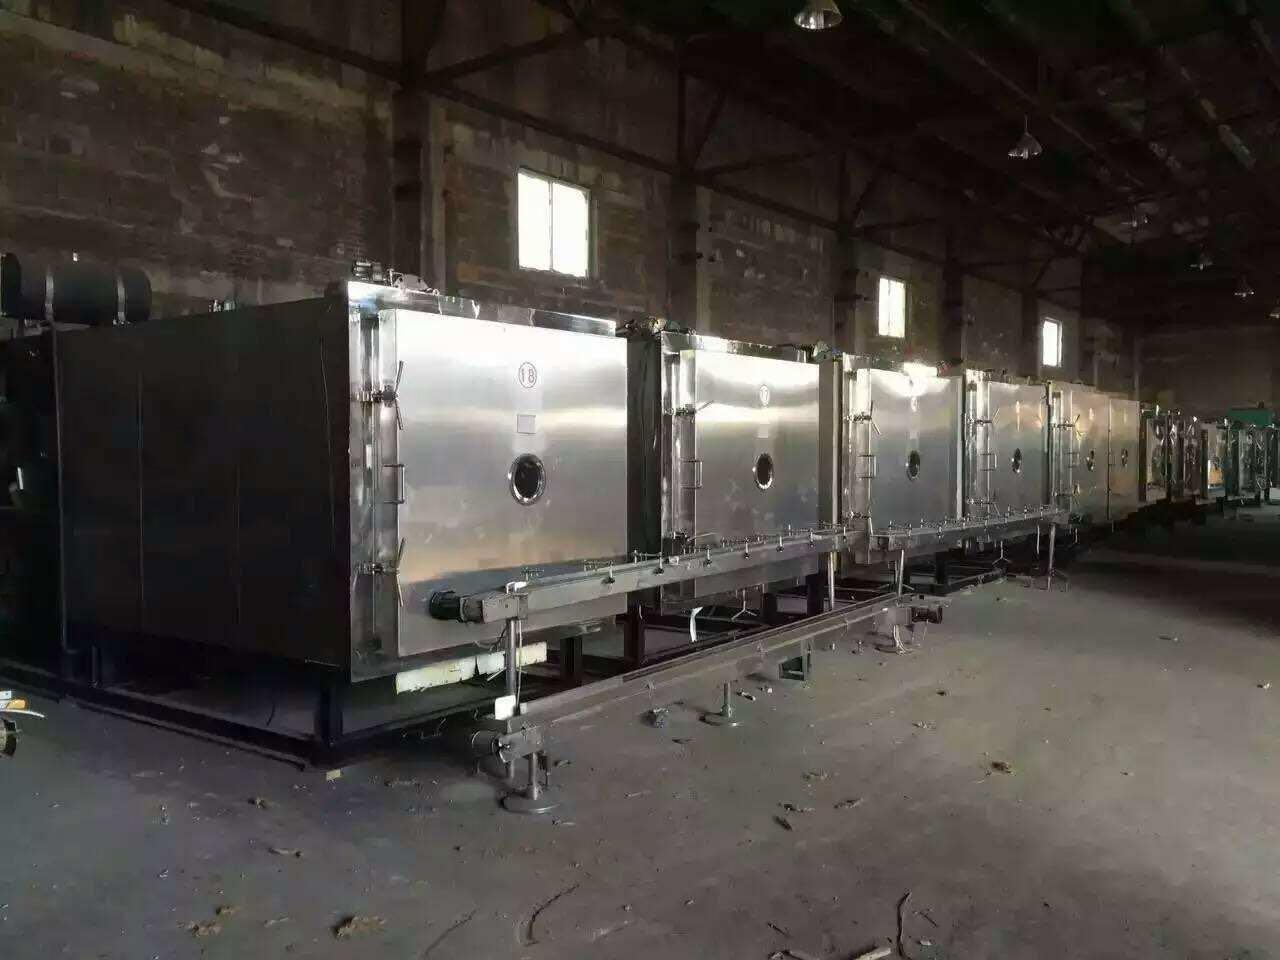 低价出售二手冷冻干燥机,二手冷冻干燥机便宜处理